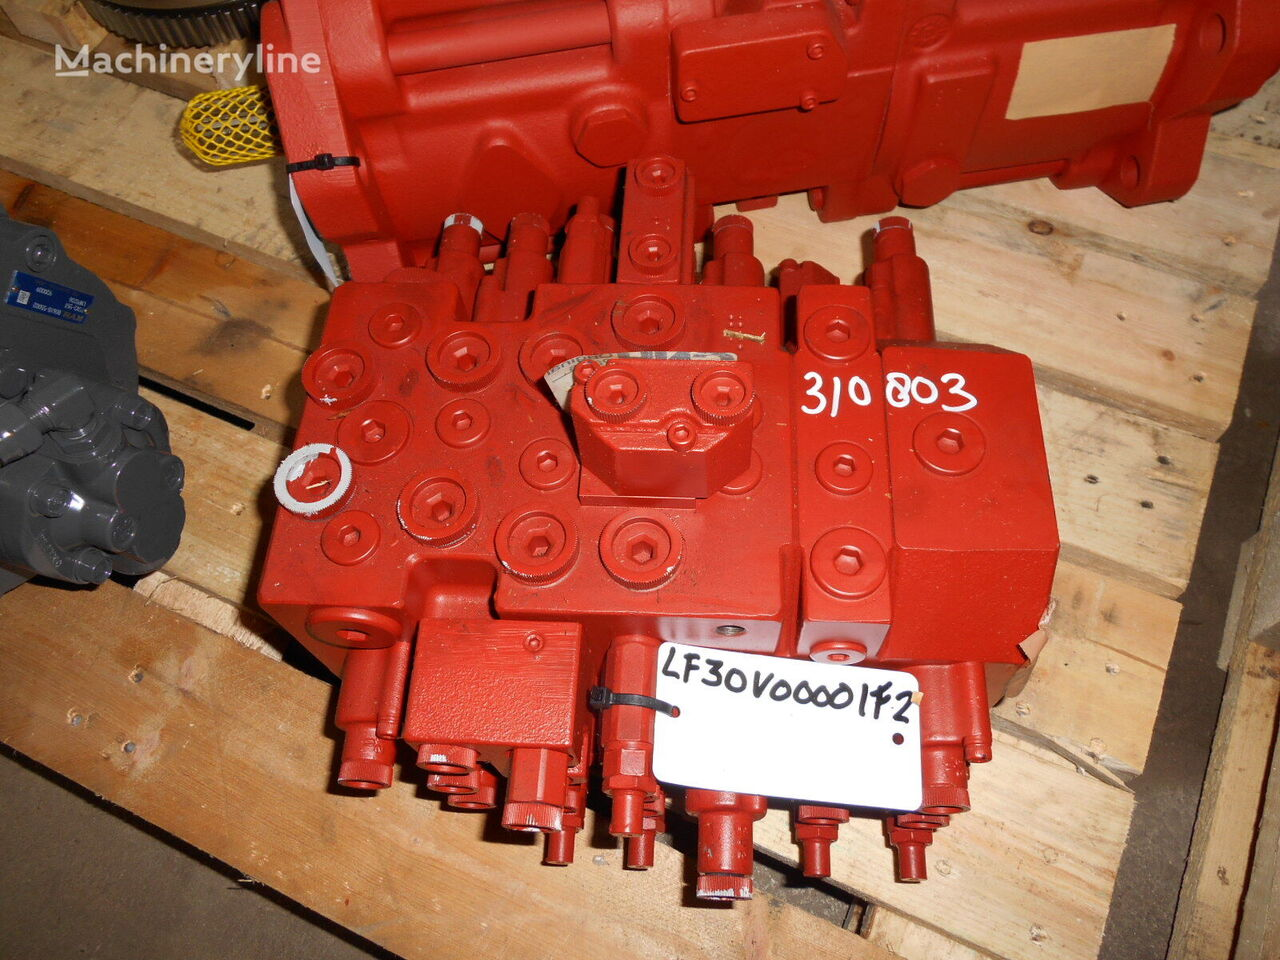 KOBELCO Nabco LC30V00001F2 (LF30V00001F2) hydraulic distributor for KOBELCO SK80CS mini excavator